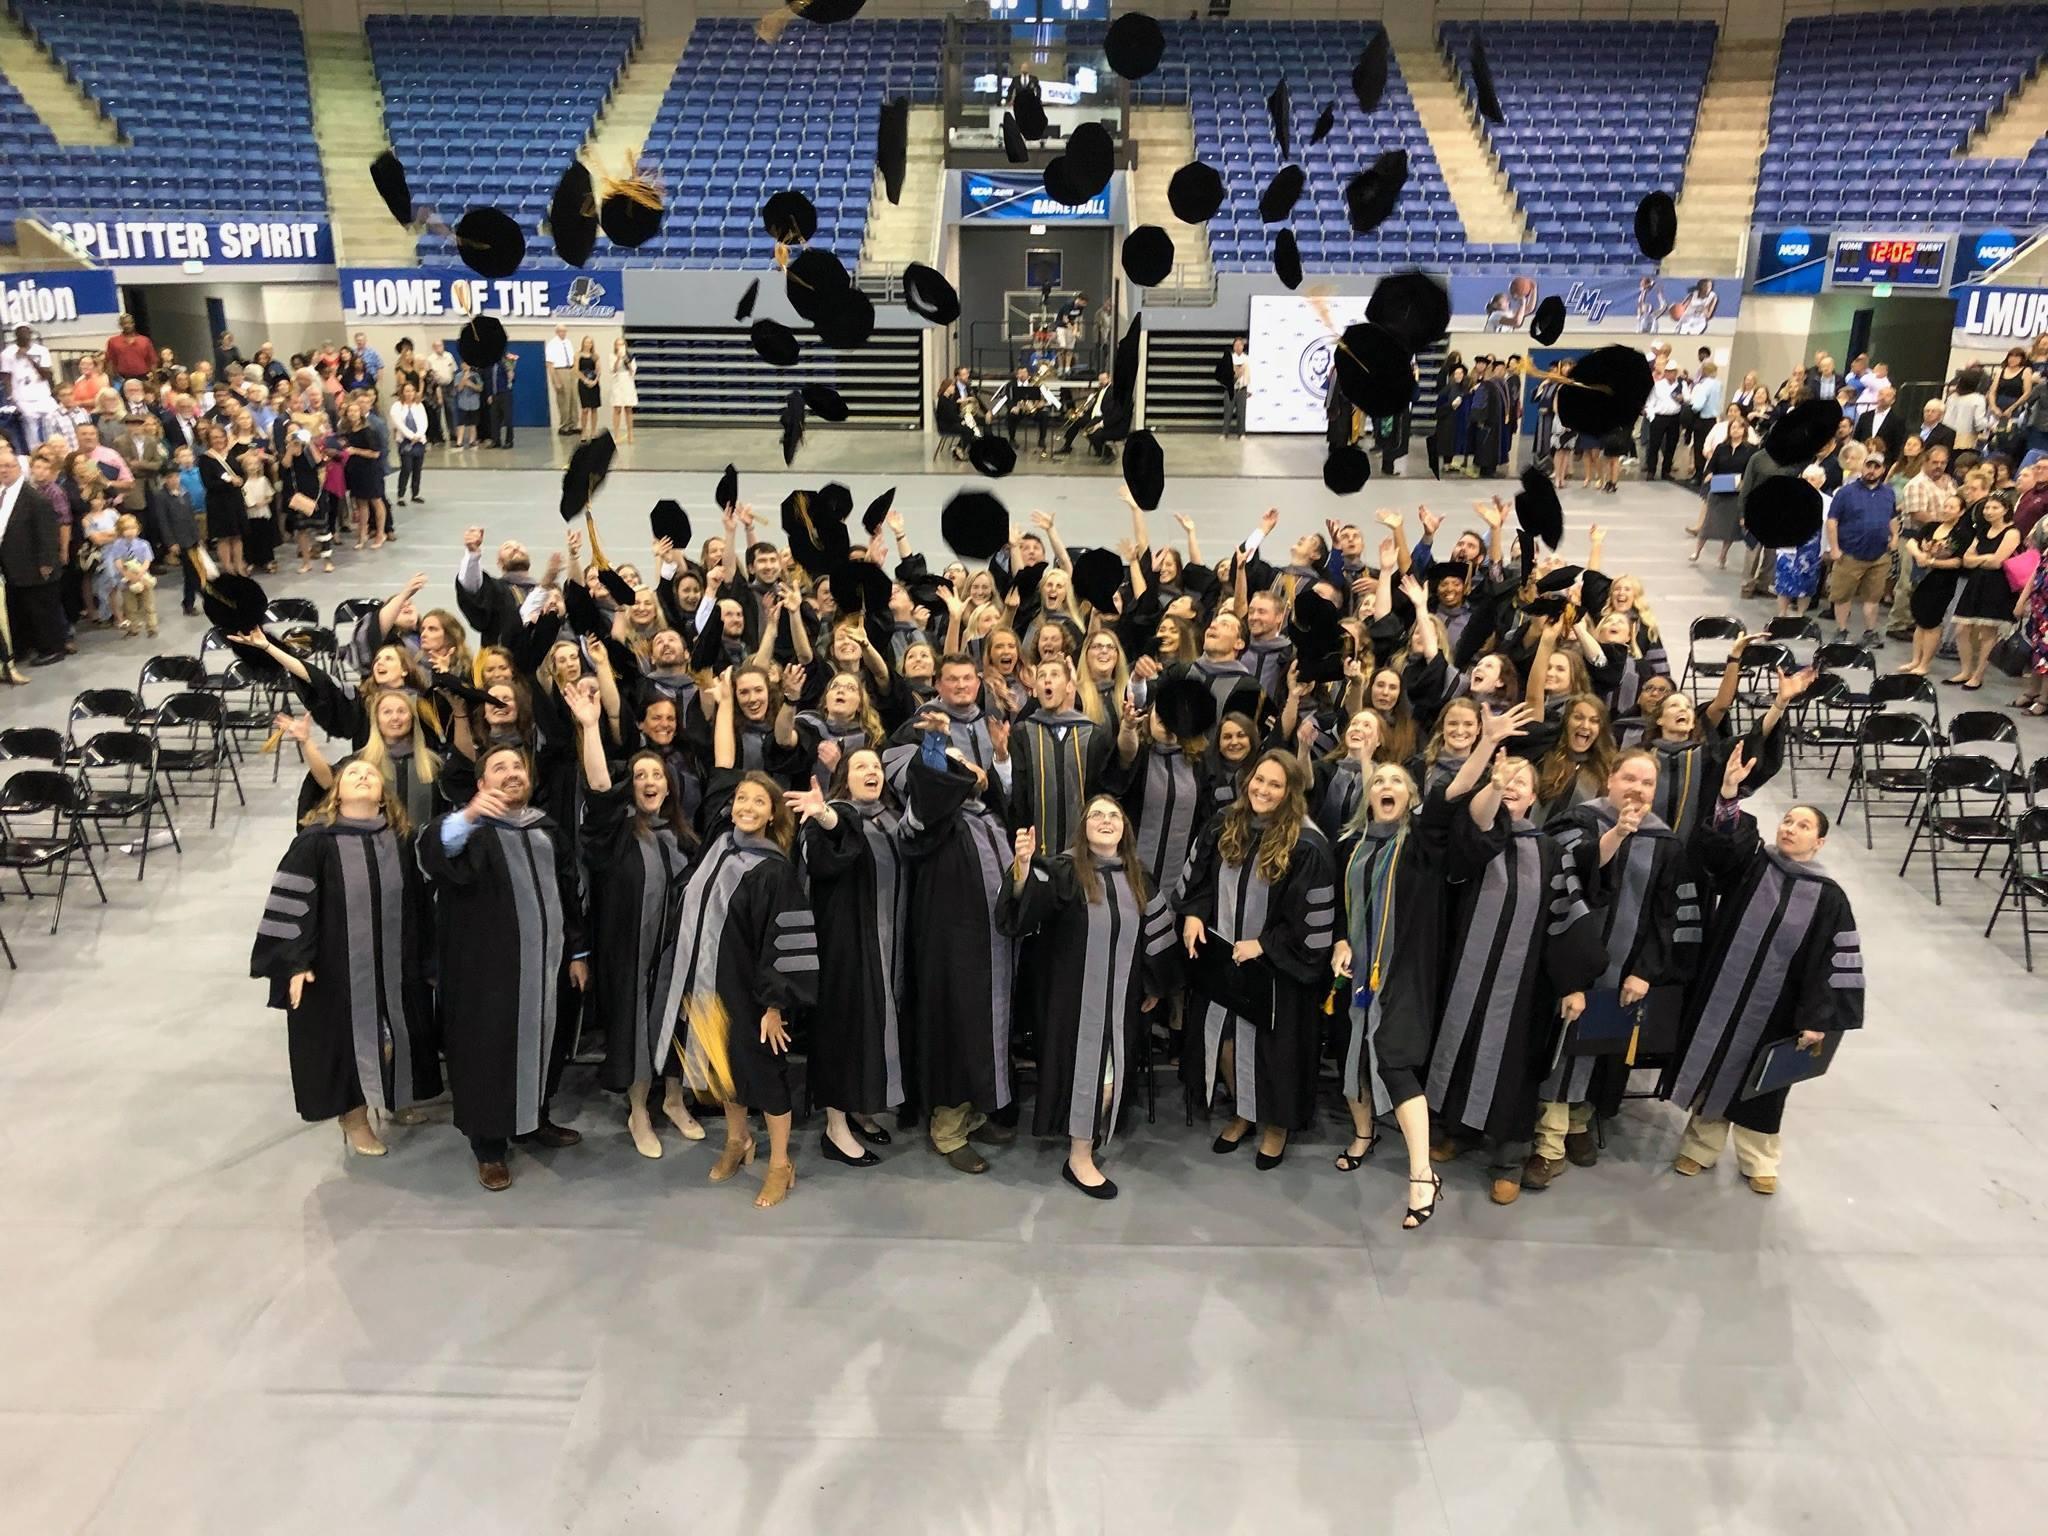 Lmu cvm class of 2018